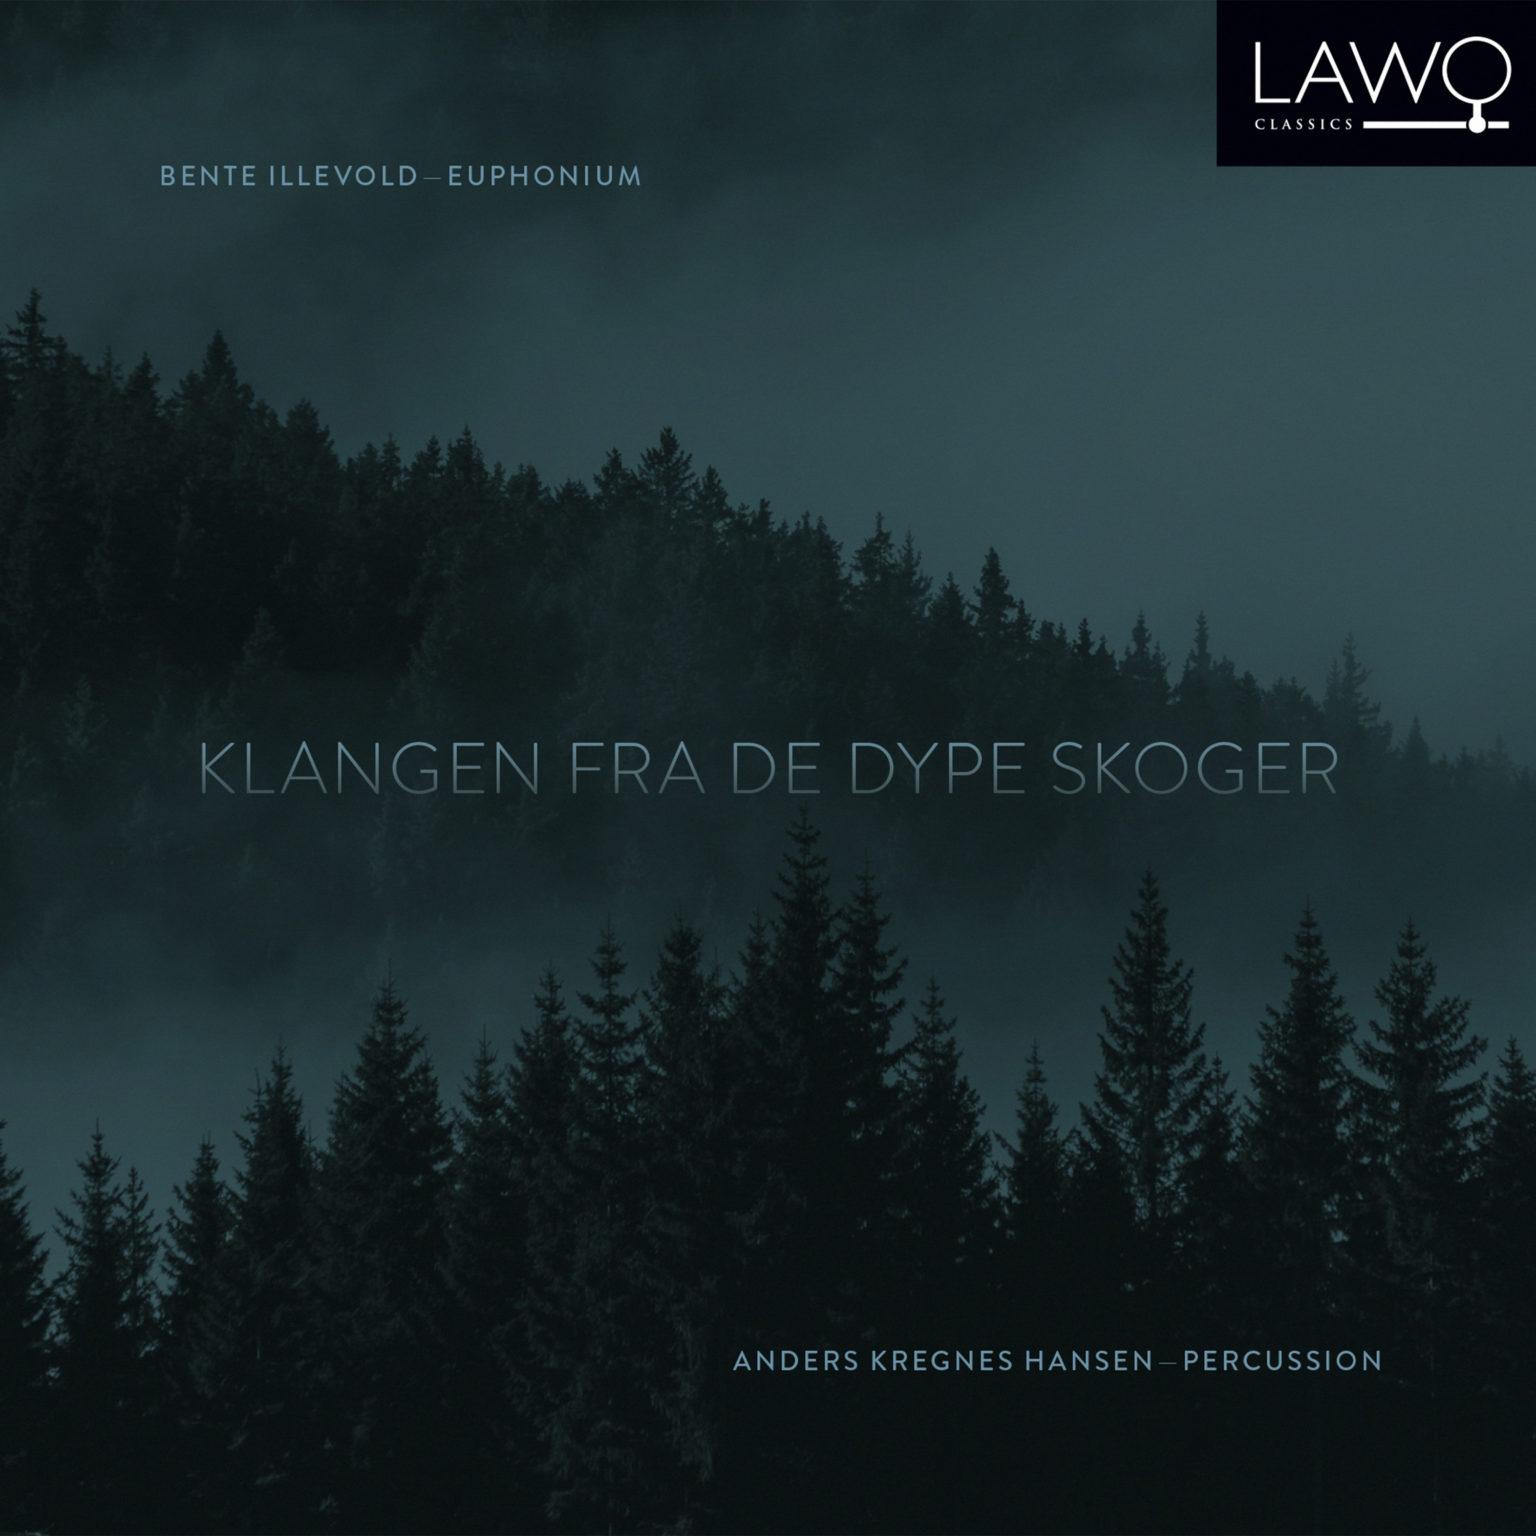 Click image for larger version.  Name:LWC1195_Bente_Illevold_Klangen_fra_de_dype_skoger_cover_3000x3000px-1536x1536.jpg Views:861 Size:174.8 KB ID:7720